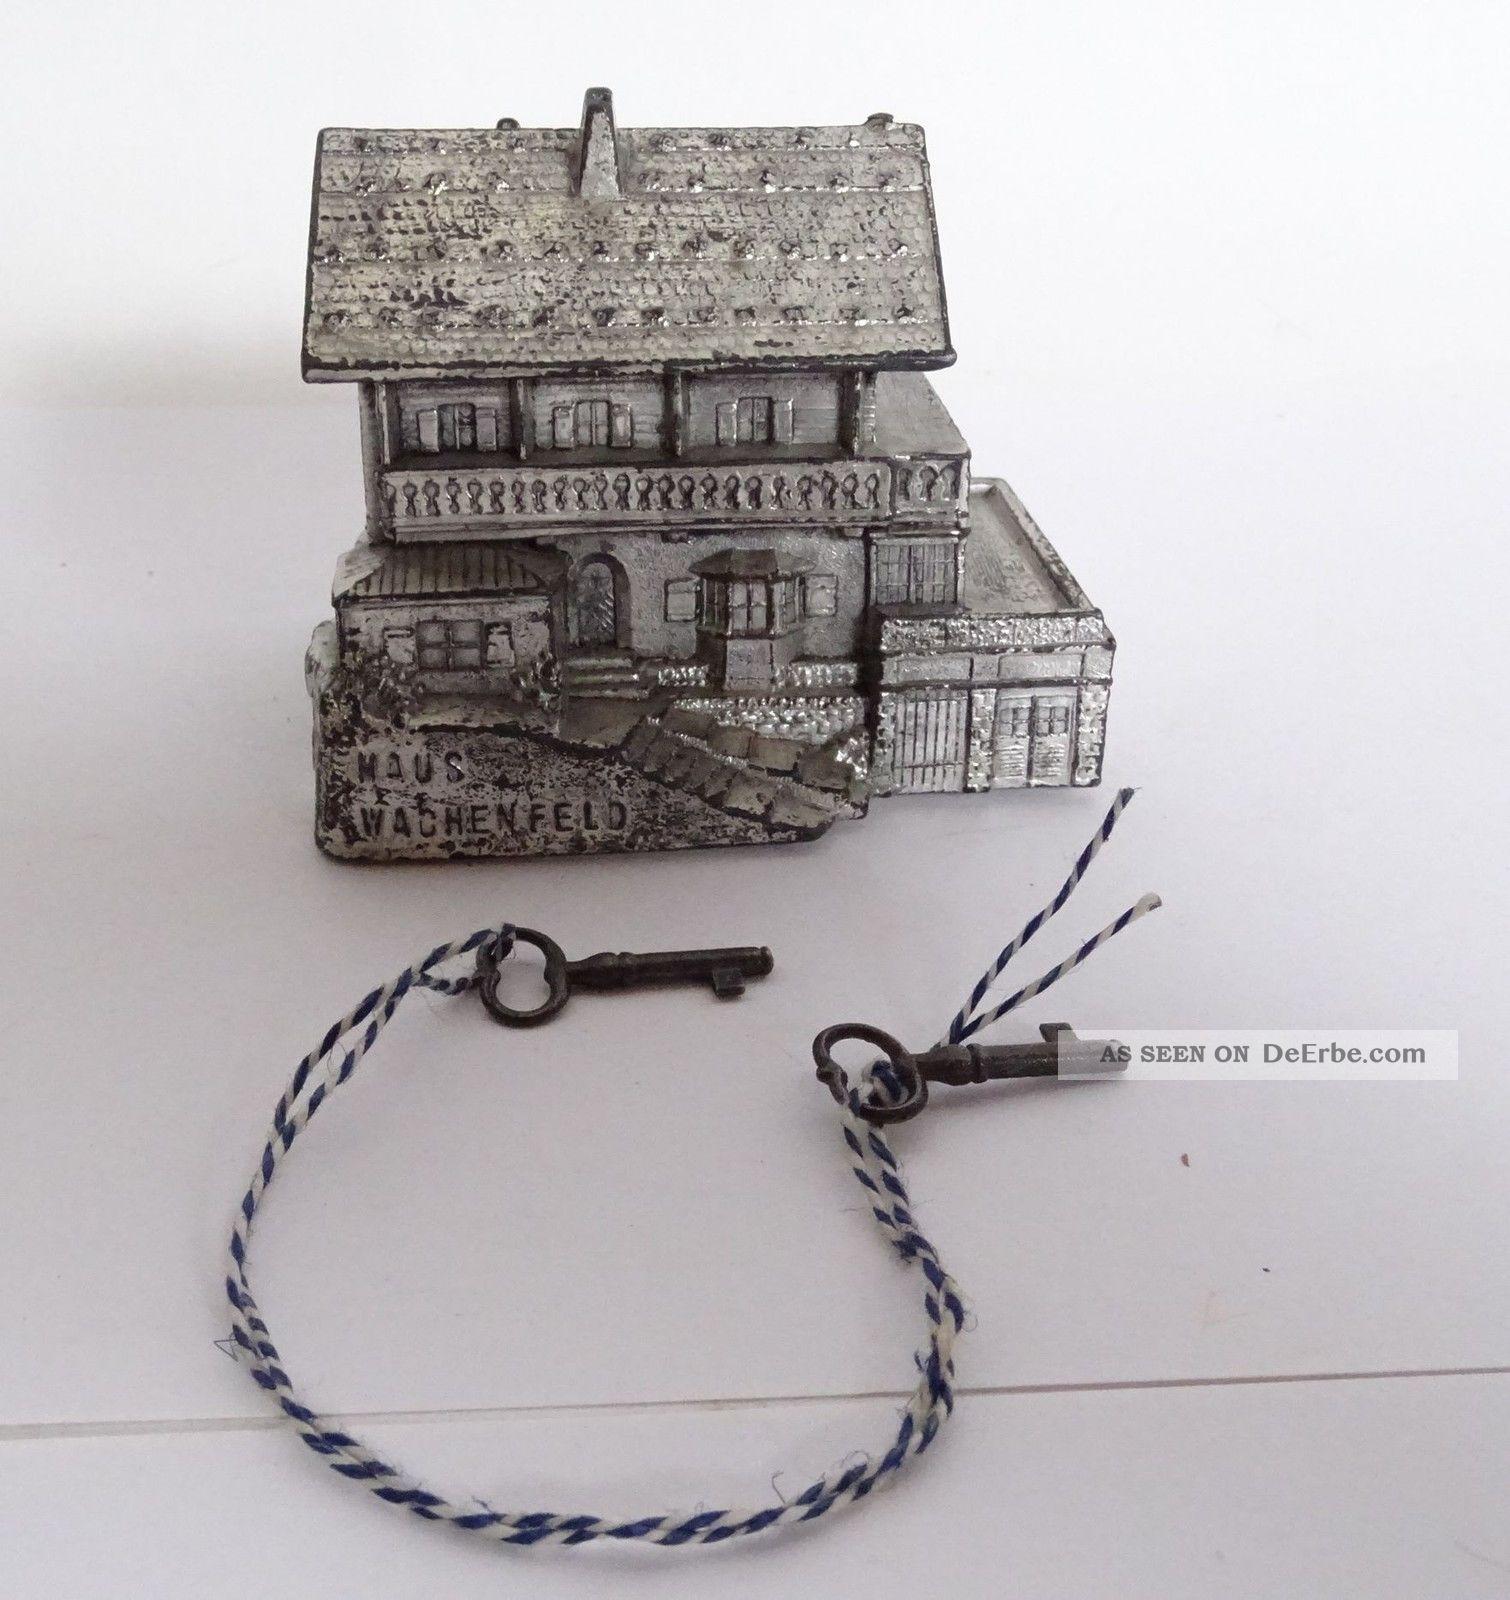 Antike Spardose Haus Wachenfeld Metall Dose Inkl.  Paar Seltene Schlüssel Original, gefertigt vor 1945 Bild